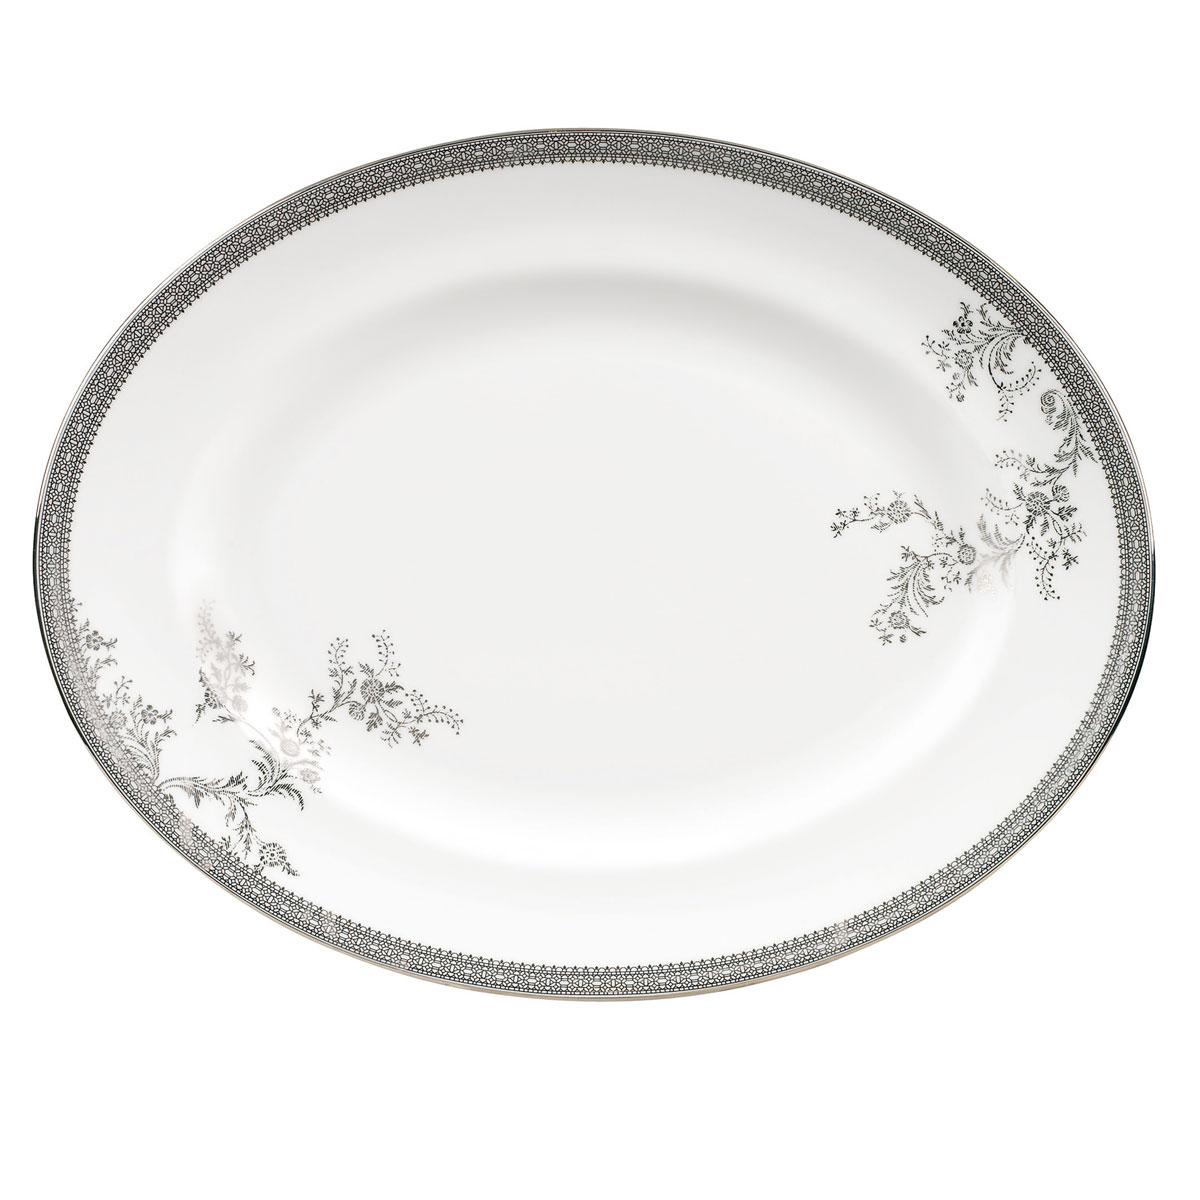 Vera Wang Wedgwood Vera Lace Oval Platter, Single